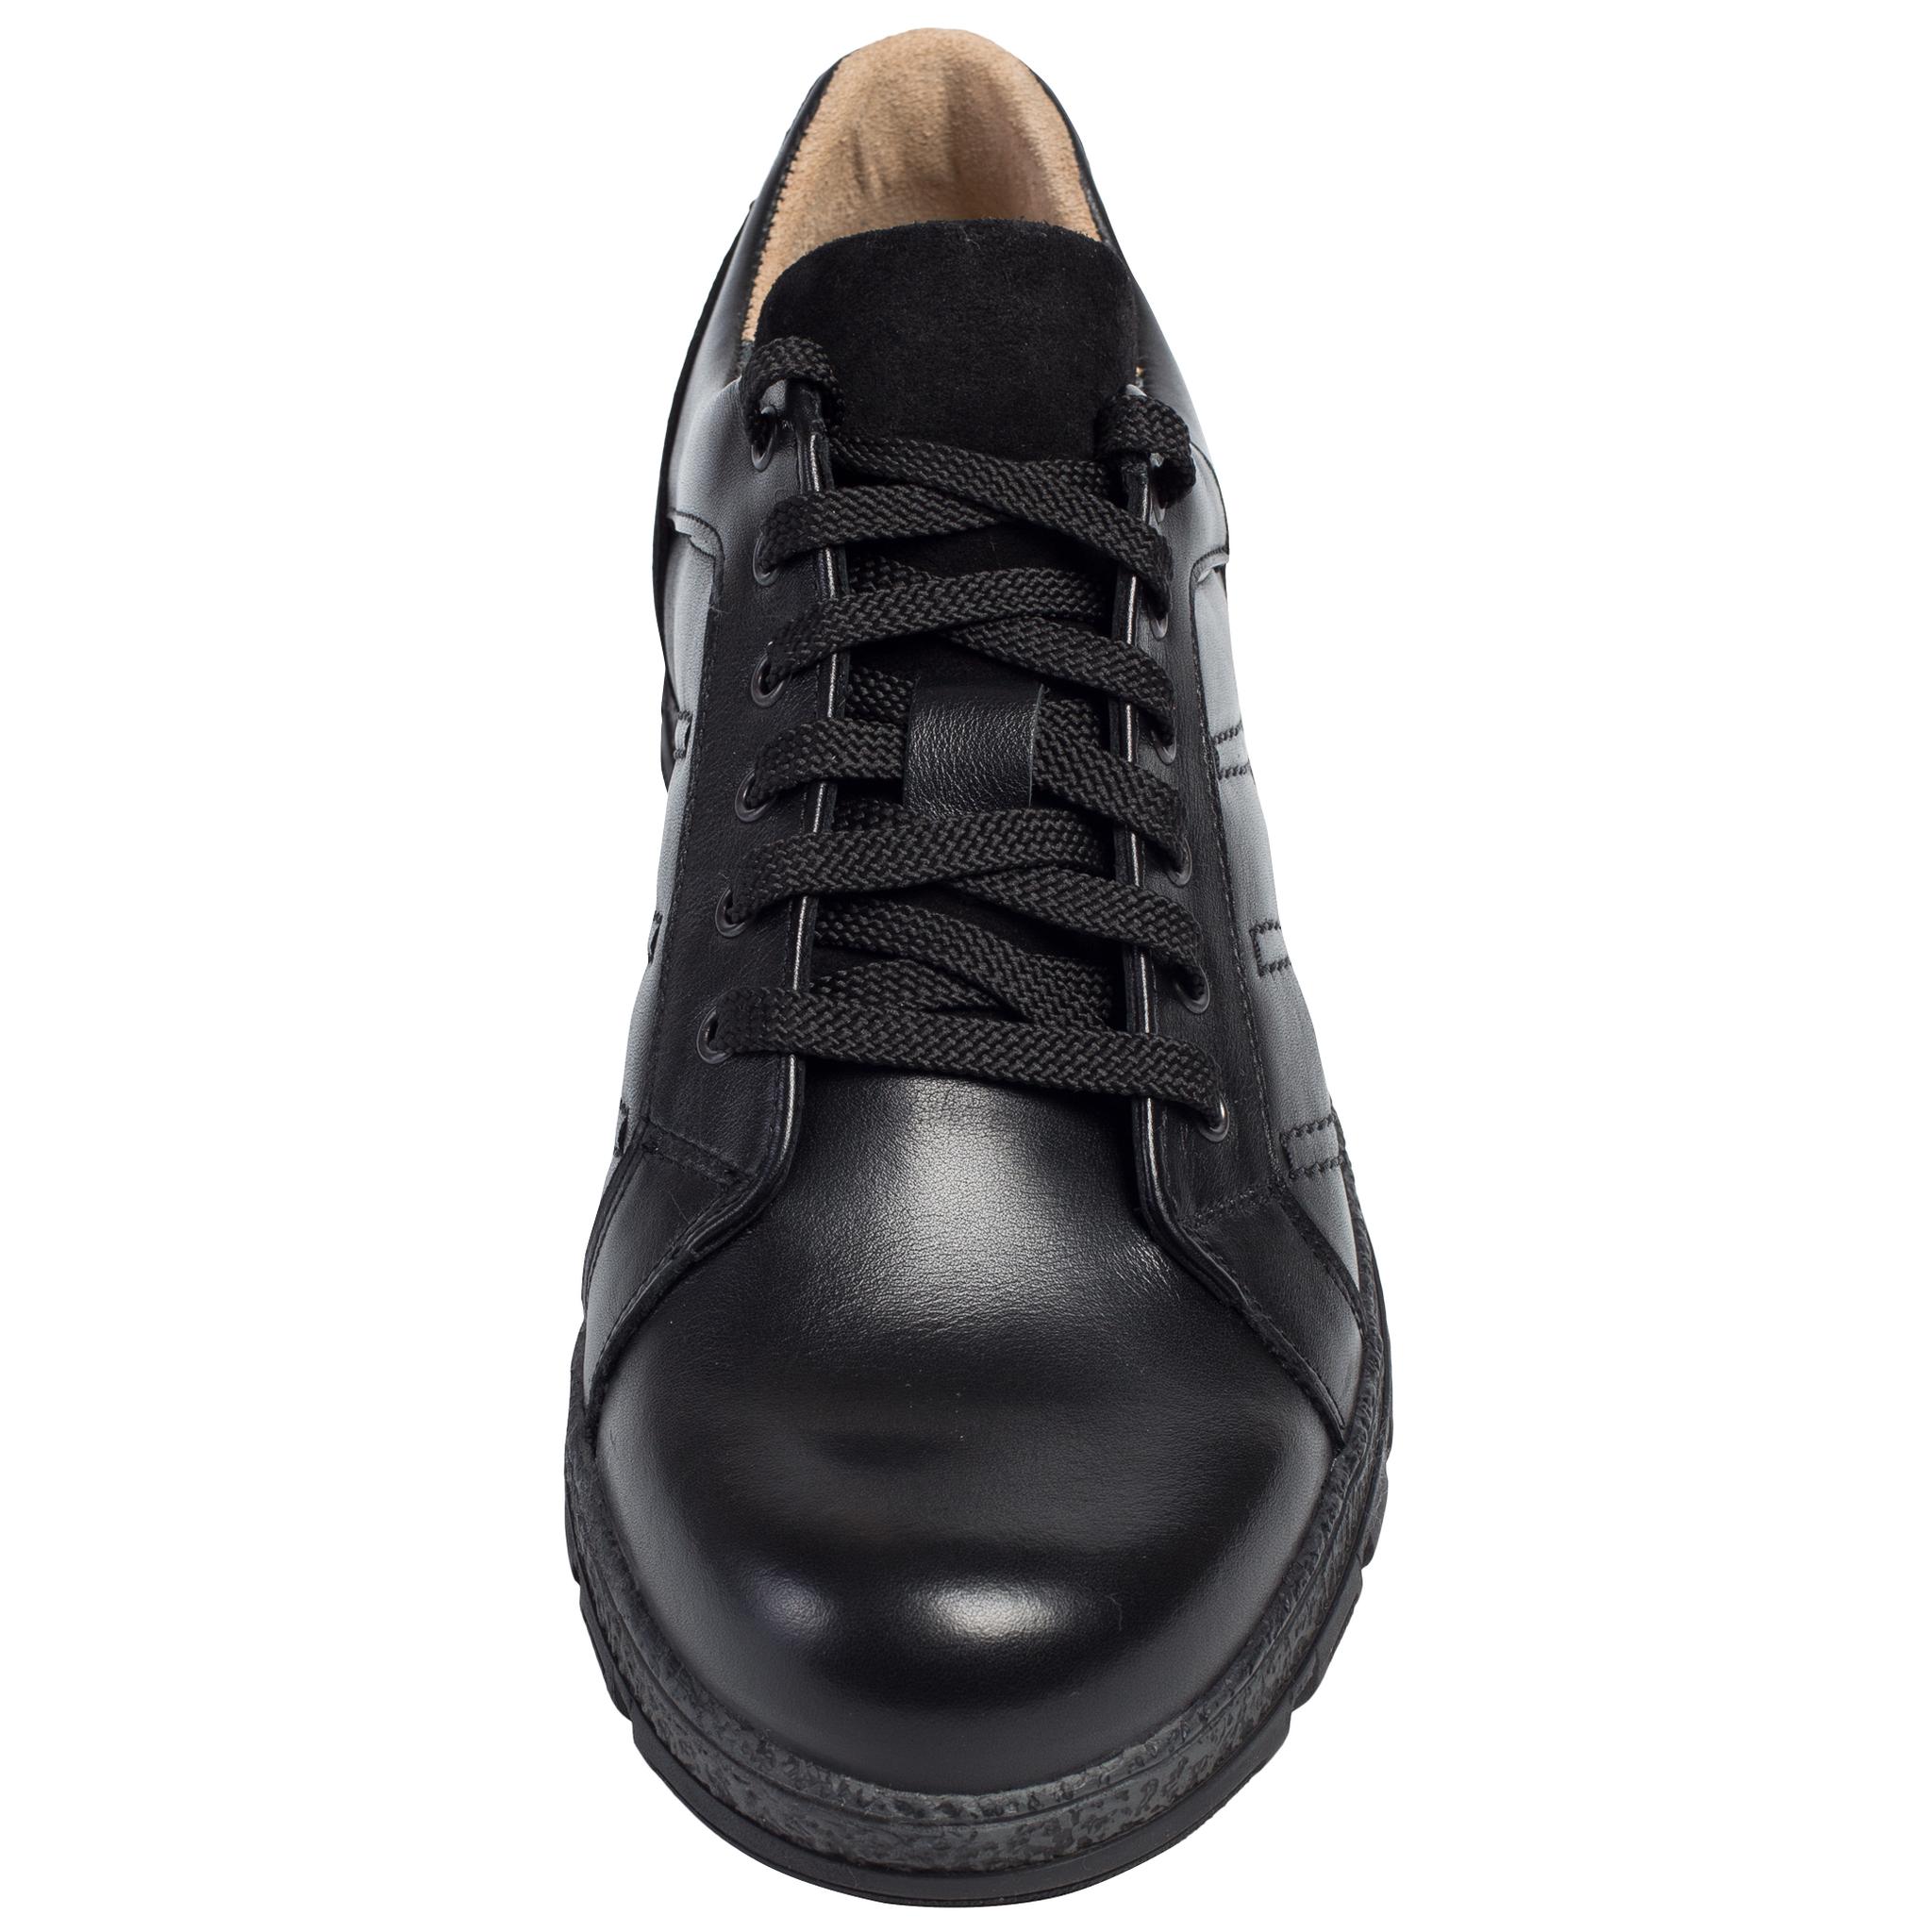 652316 Полуботинки мужские черные кожа больших размеров марки Делфино